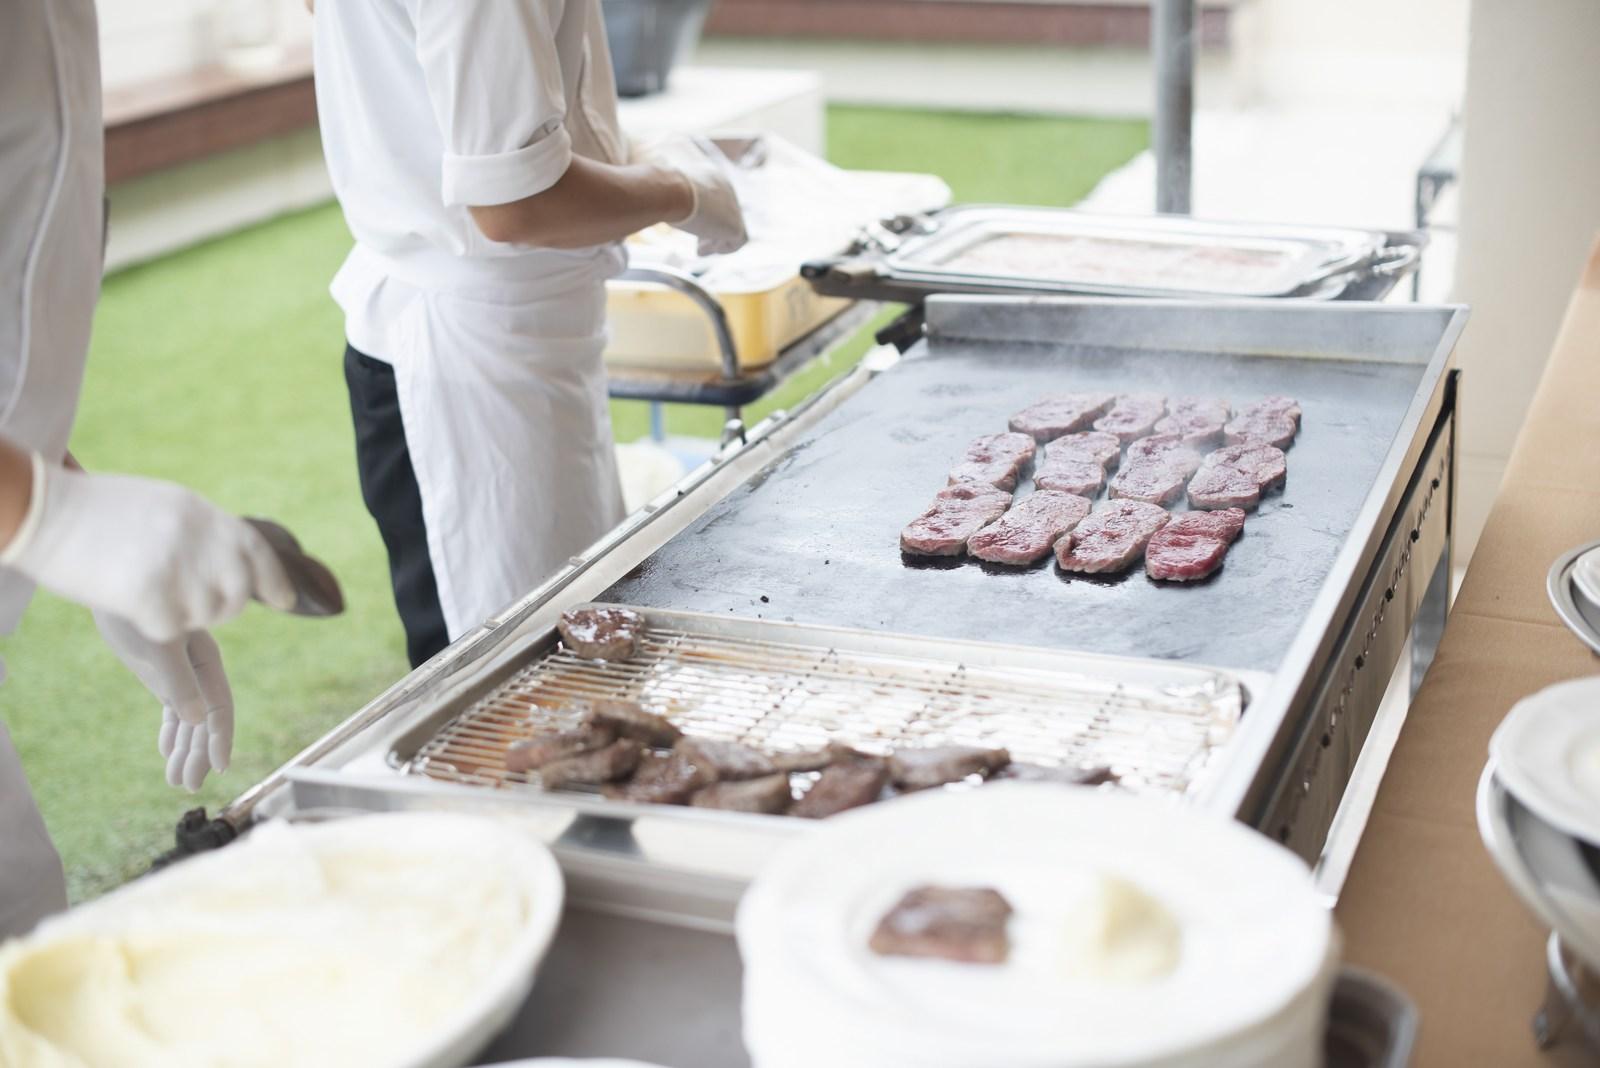 高松市の結婚式場アイルバレクラブ 肉の鉄板焼き